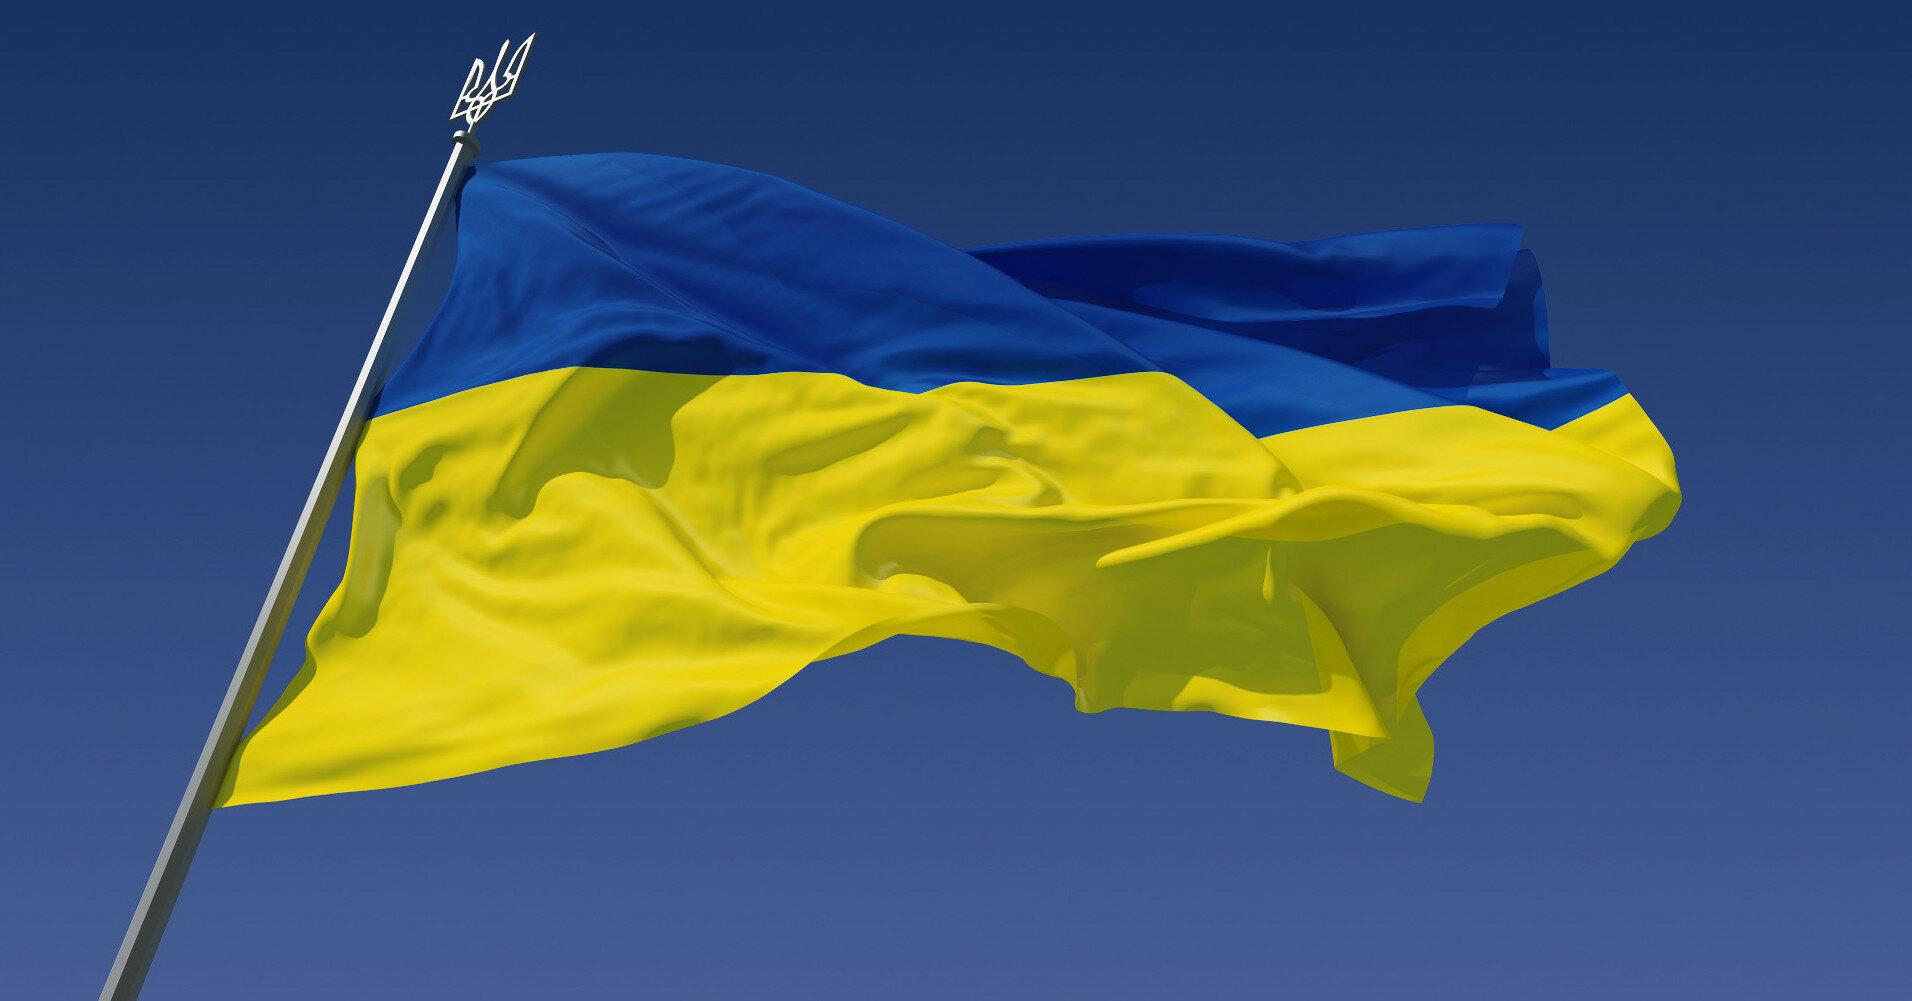 Украина отреагировала на инцидент с британским эсминцем в Черном море